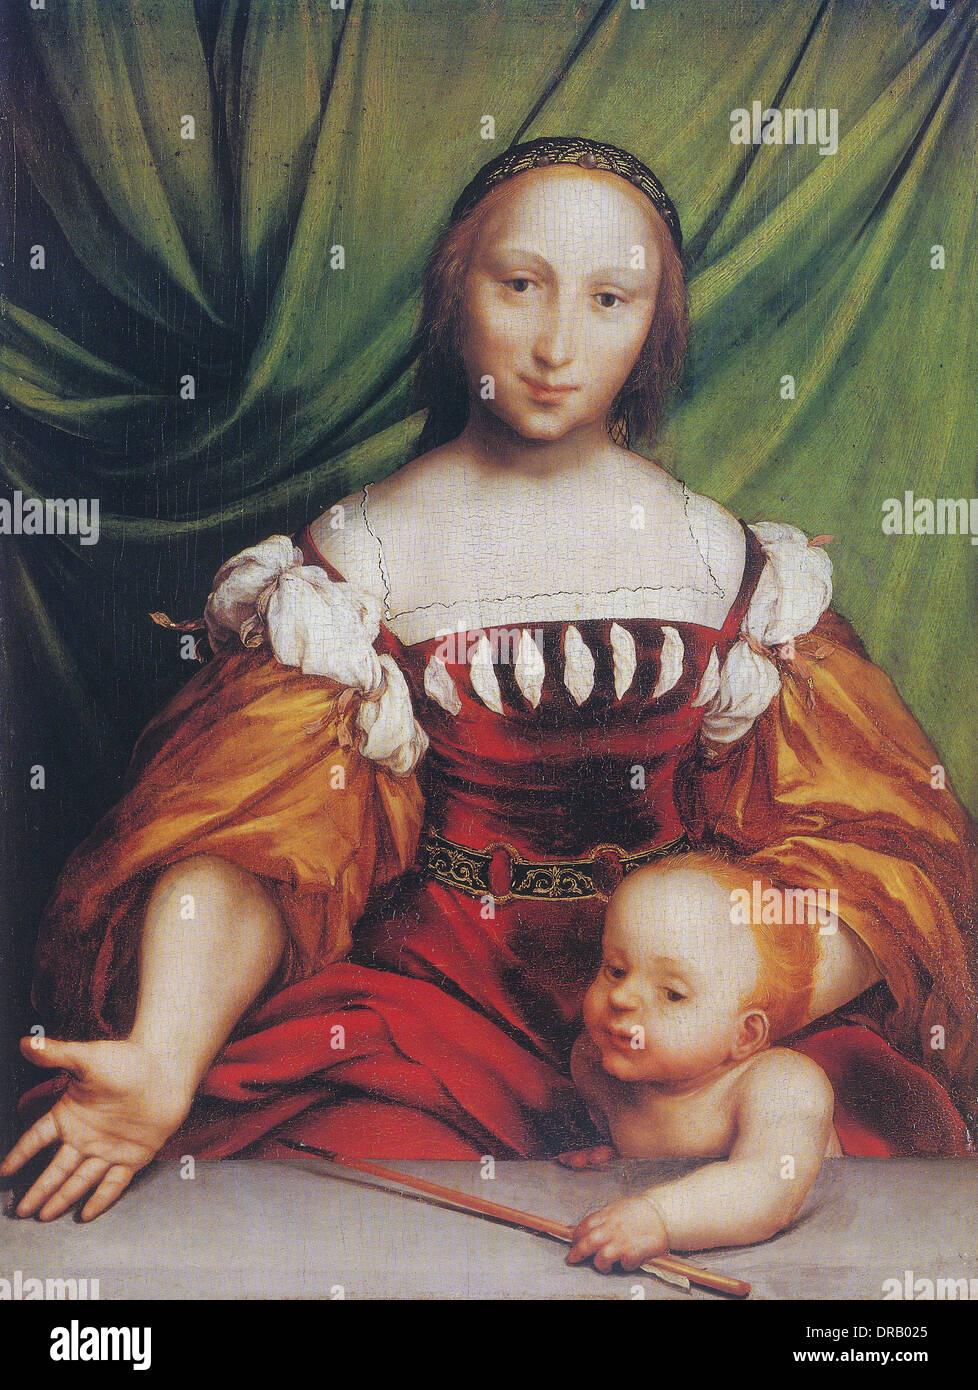 Vénus, la déesse romaine de l'amour, à l'Amor (CUPID) serrant Love's Arrow par Hans Holbein le Jeune Photo Stock